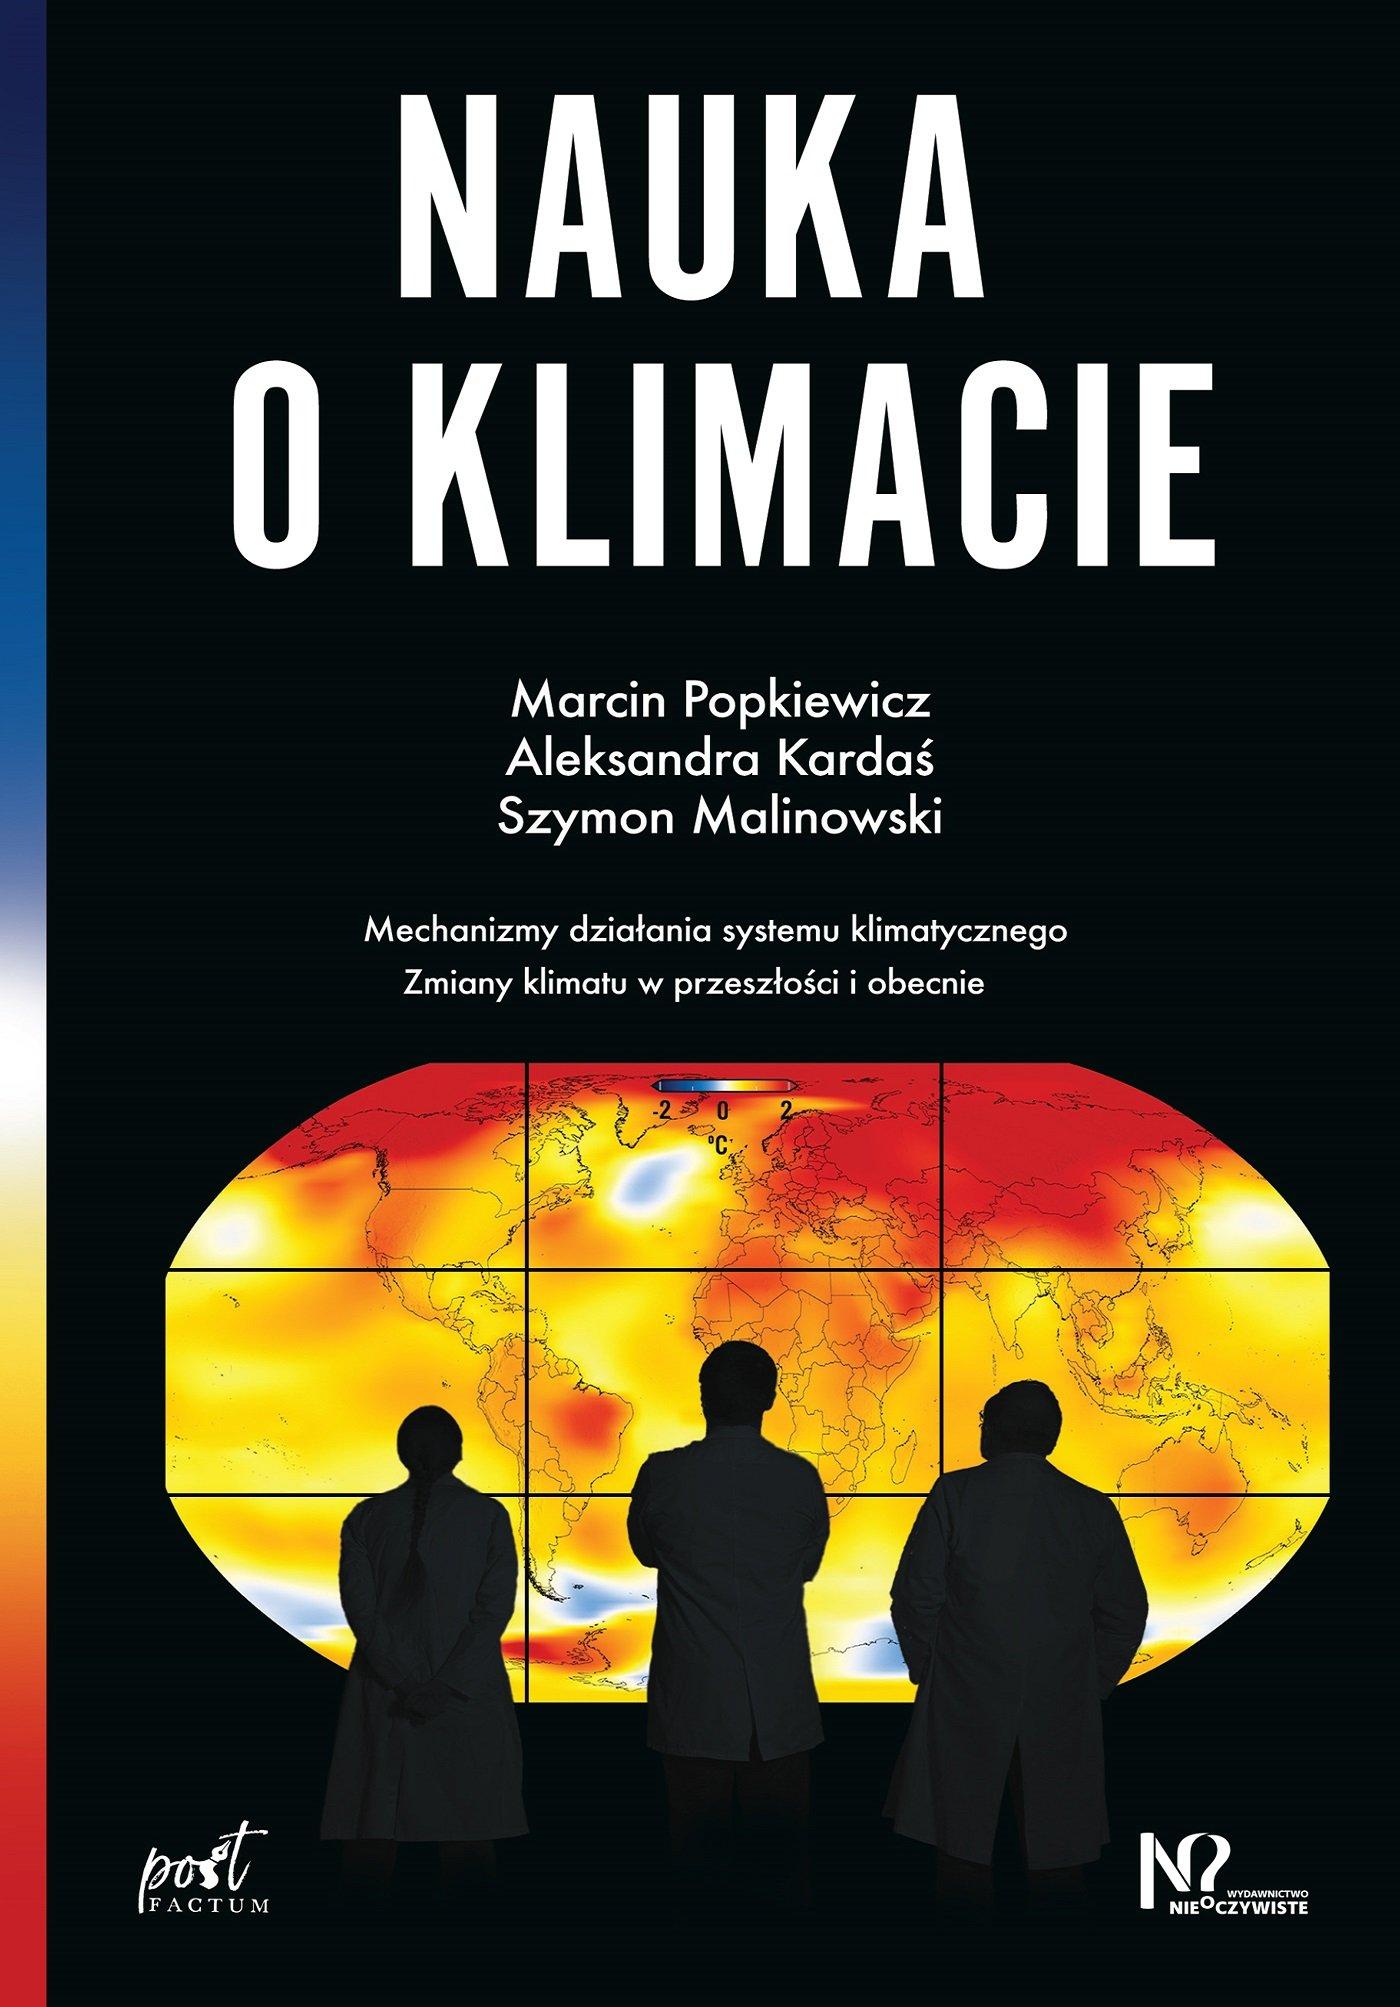 Nauka o klimacie - Ebook (Książka na Kindle) do pobrania w formacie MOBI